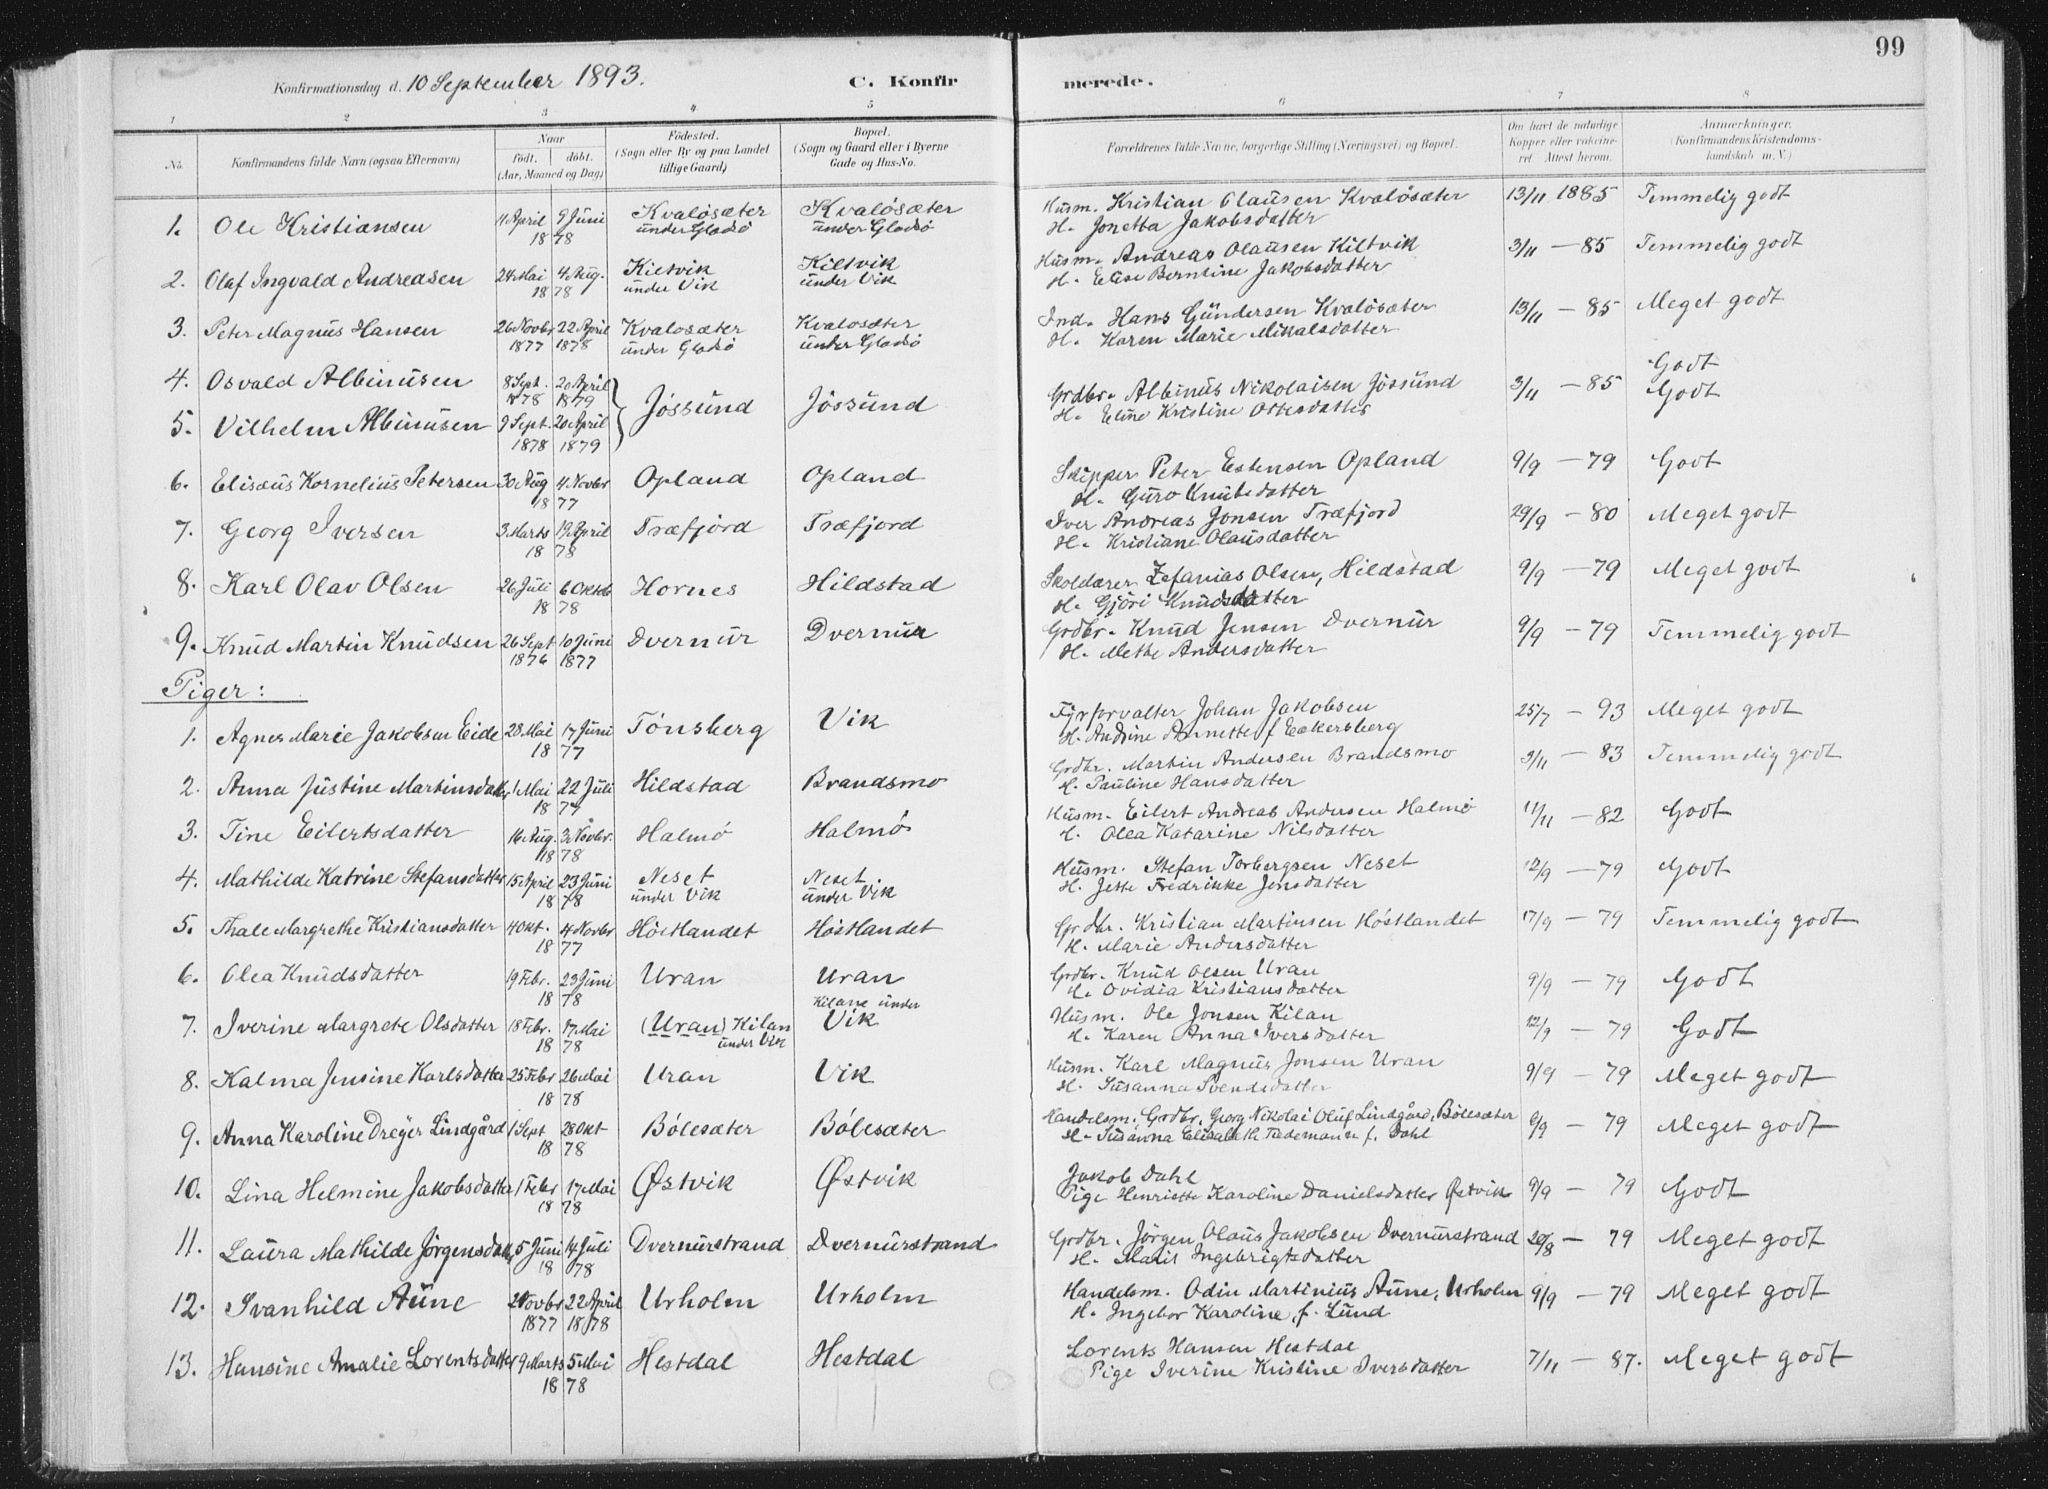 SAT, Ministerialprotokoller, klokkerbøker og fødselsregistre - Nord-Trøndelag, 771/L0597: Ministerialbok nr. 771A04, 1885-1910, s. 99